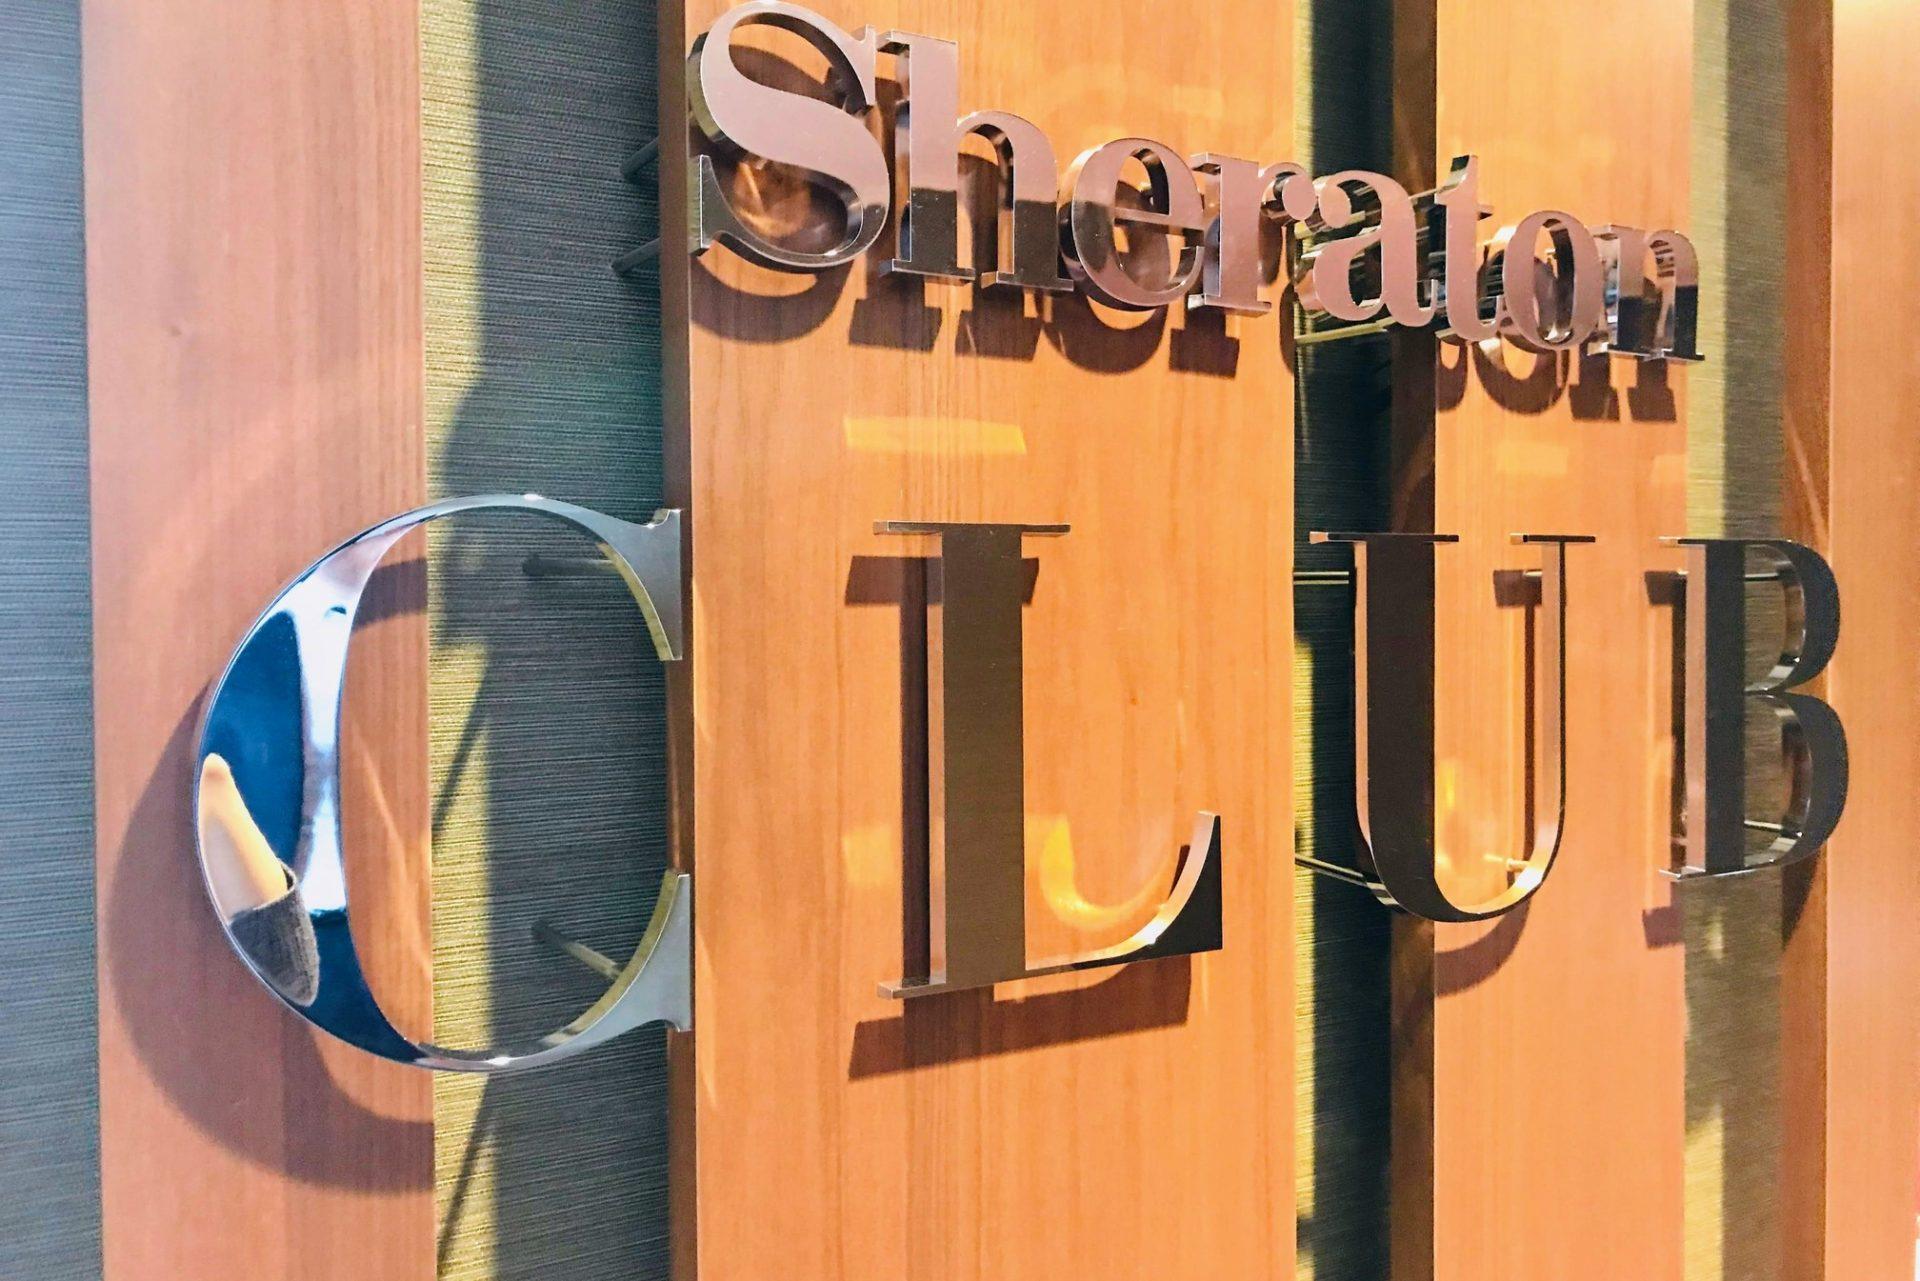 シェラトンクラブフロア シェラトン・グランデ・オーシャンリゾート 宮崎 フェニックス・シーガイア・リゾート